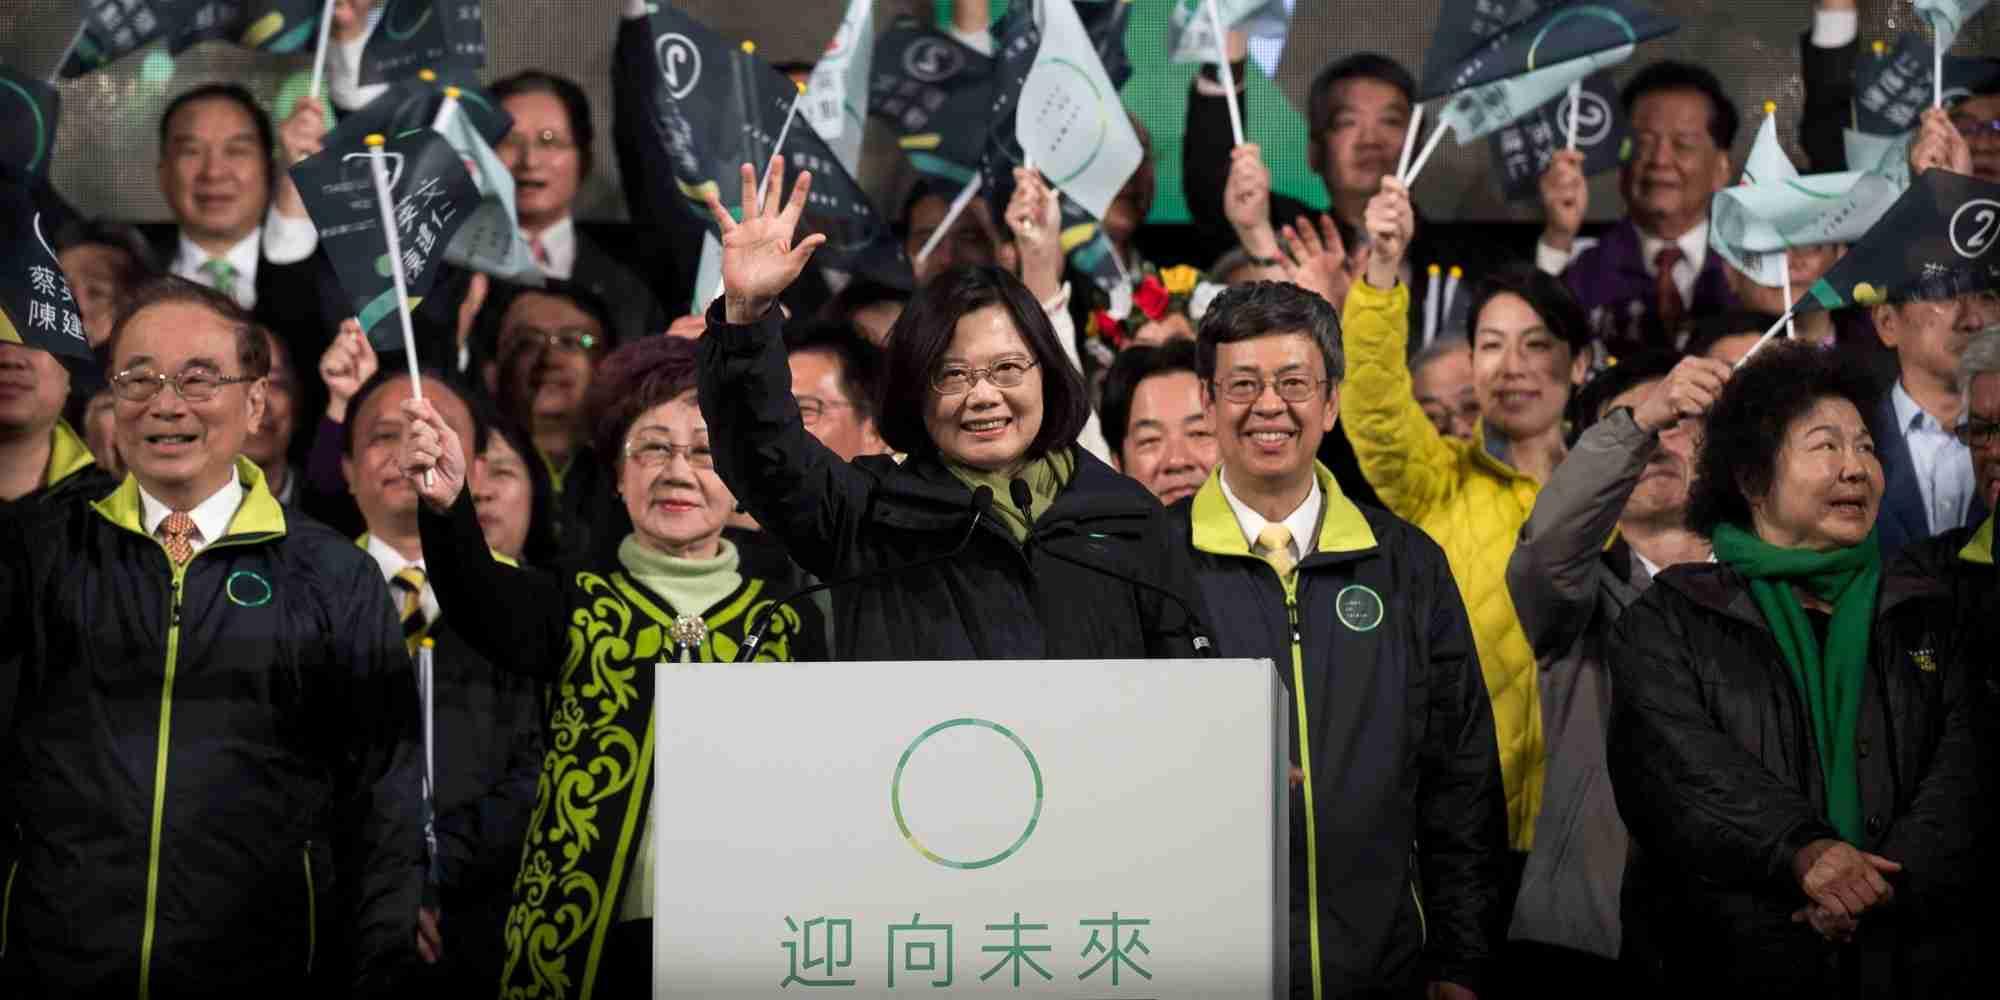 「尖閣諸島は台湾領」と次期総統の蔡英文氏【台湾総統選】